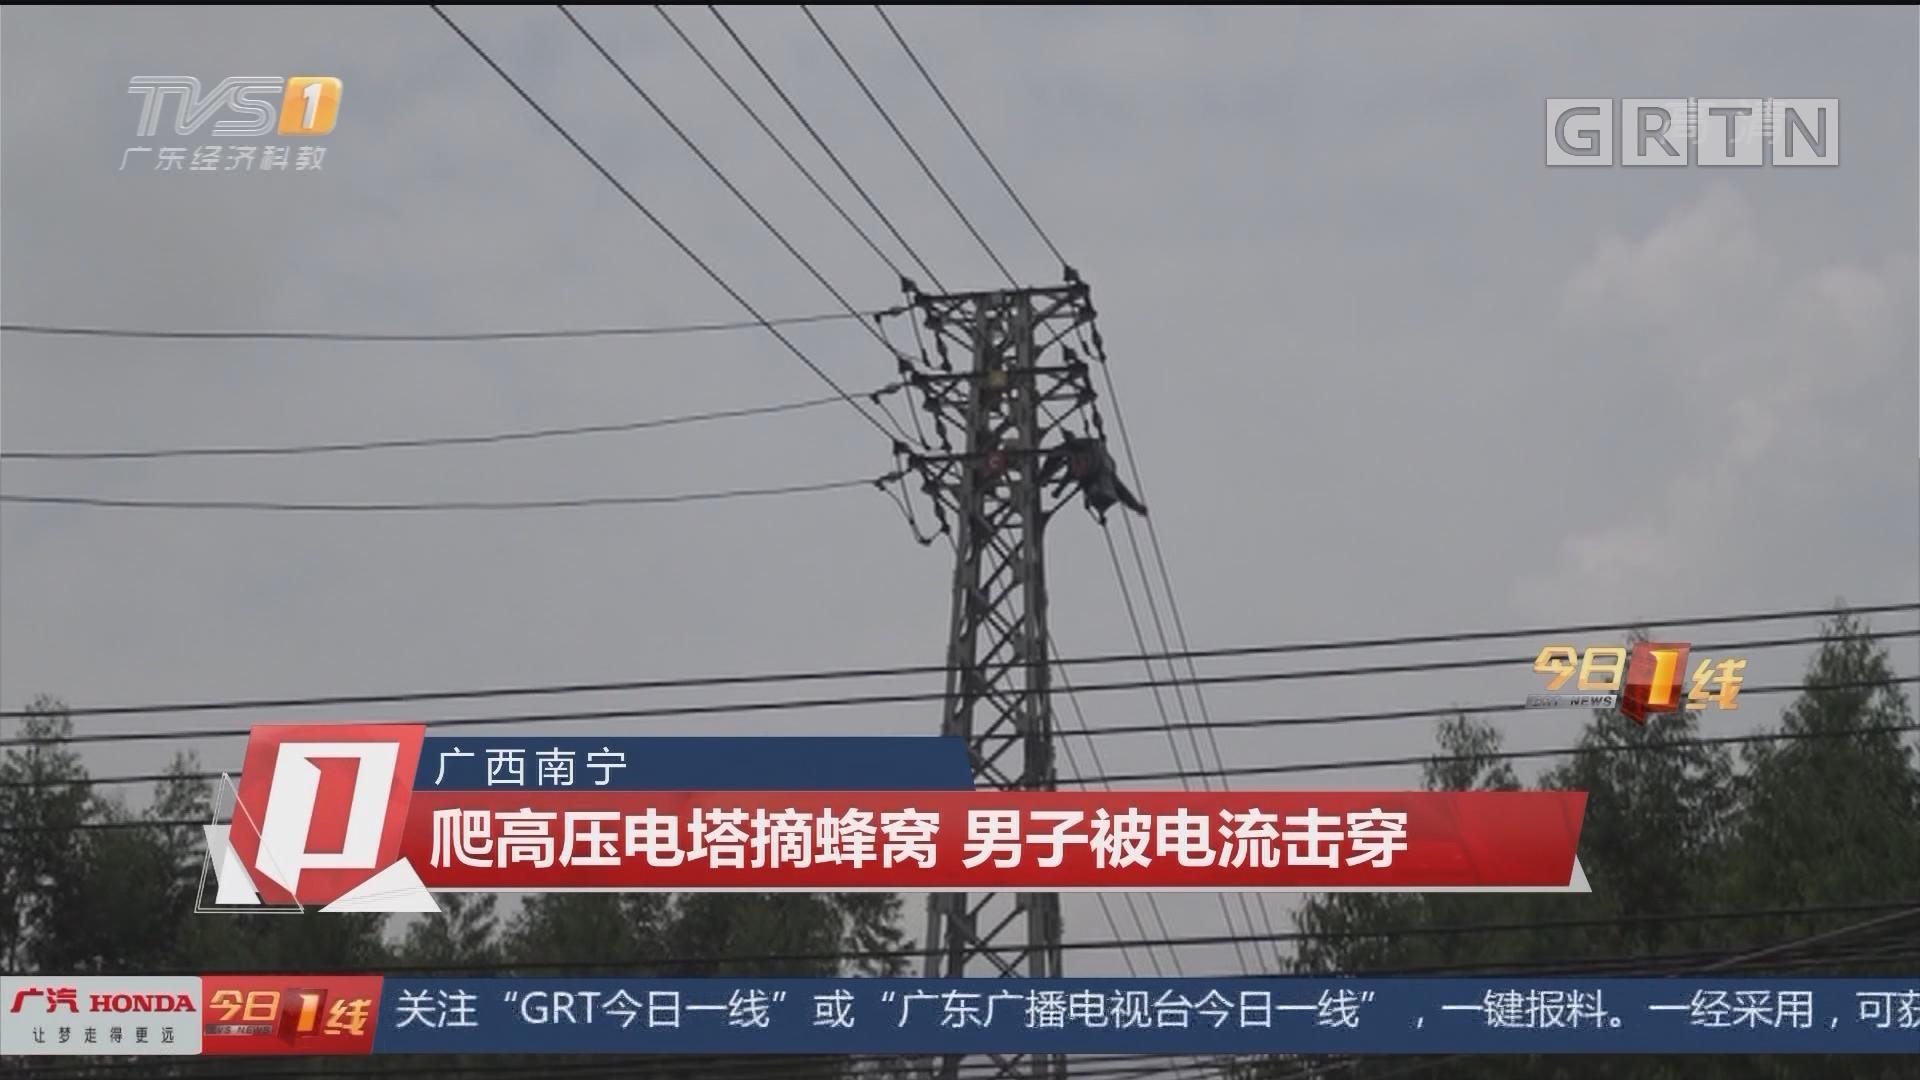 广西南宁 爬高压电塔摘蜂窝 男子被电流击穿